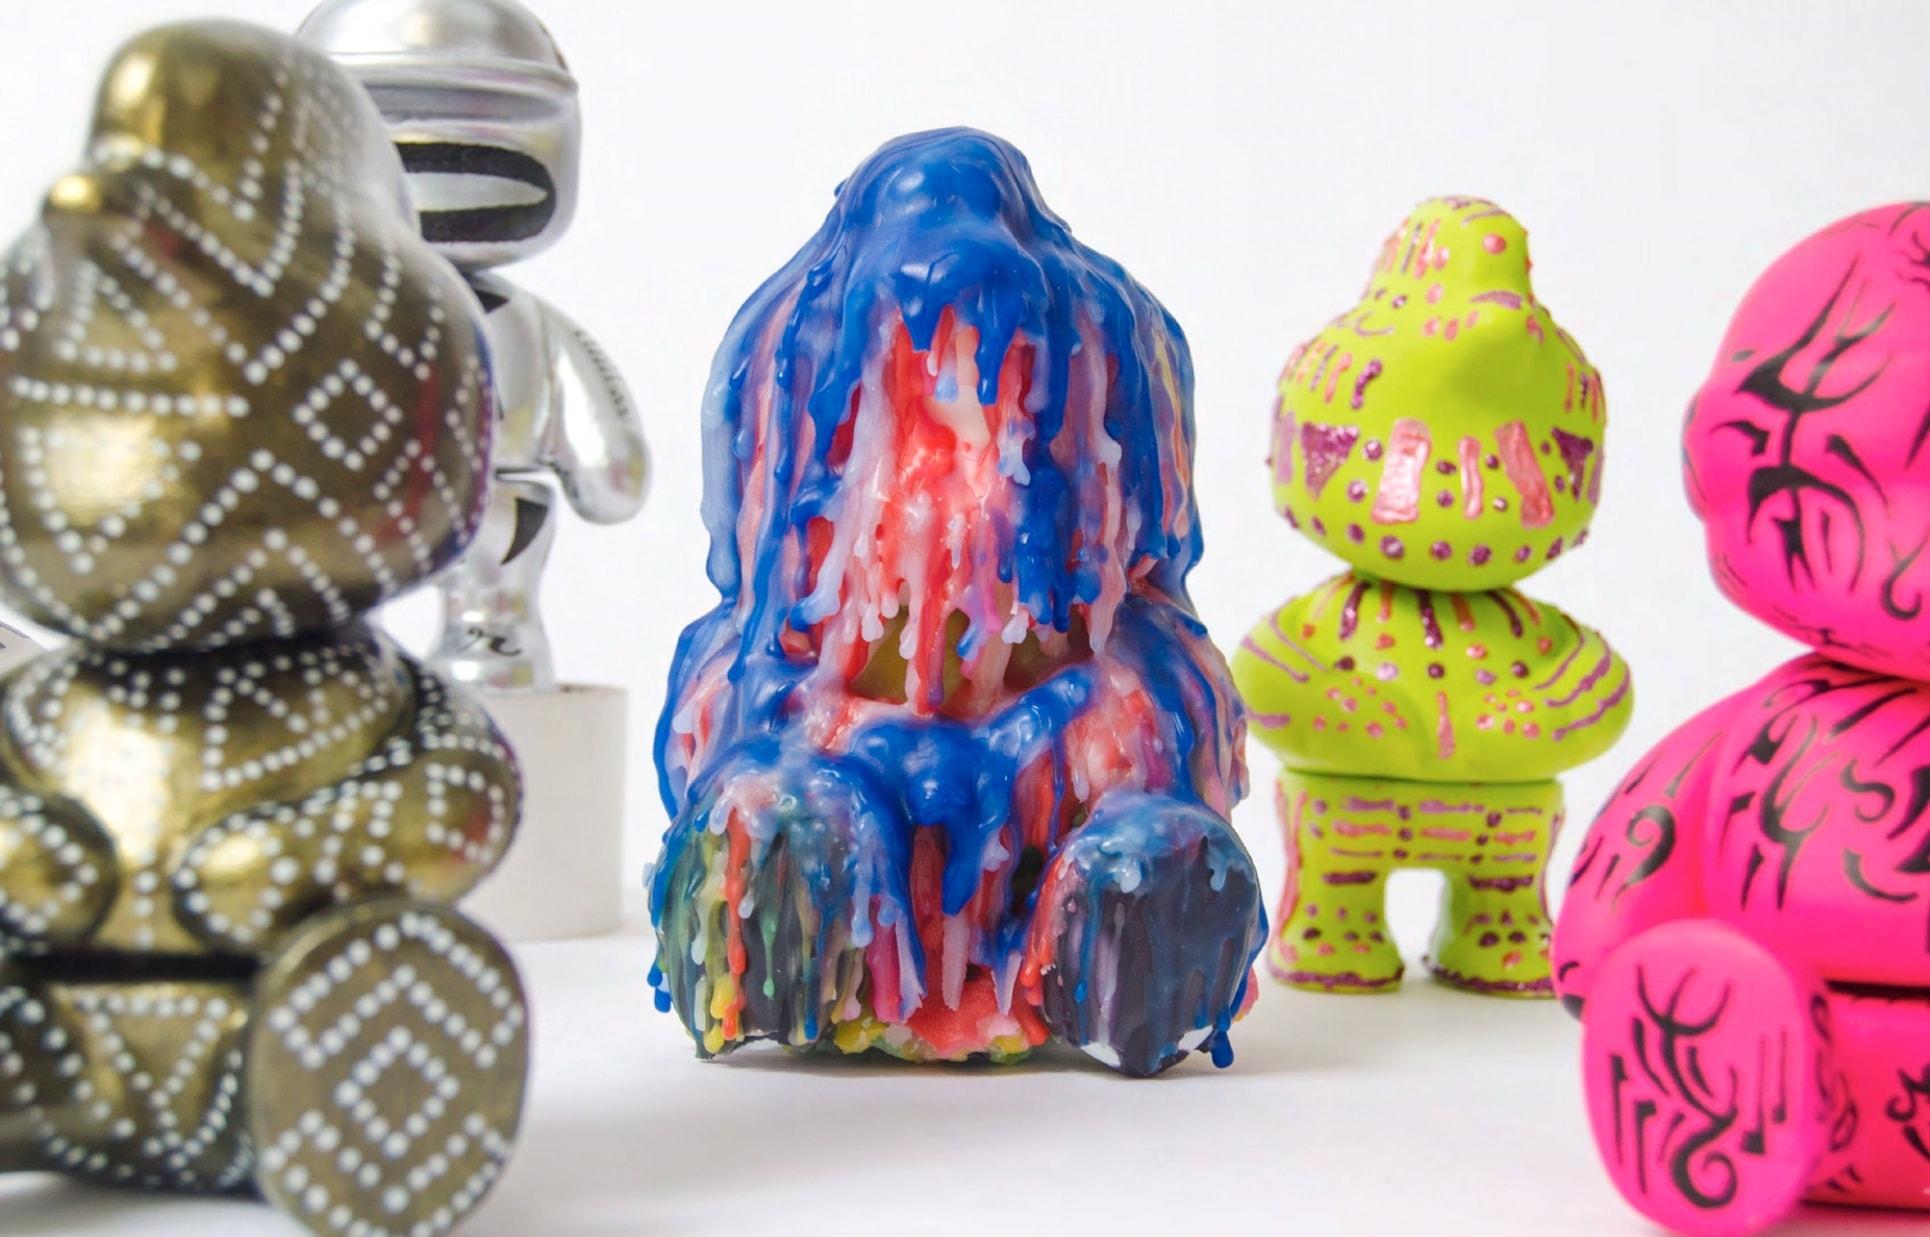 PEI Toys Art Toys